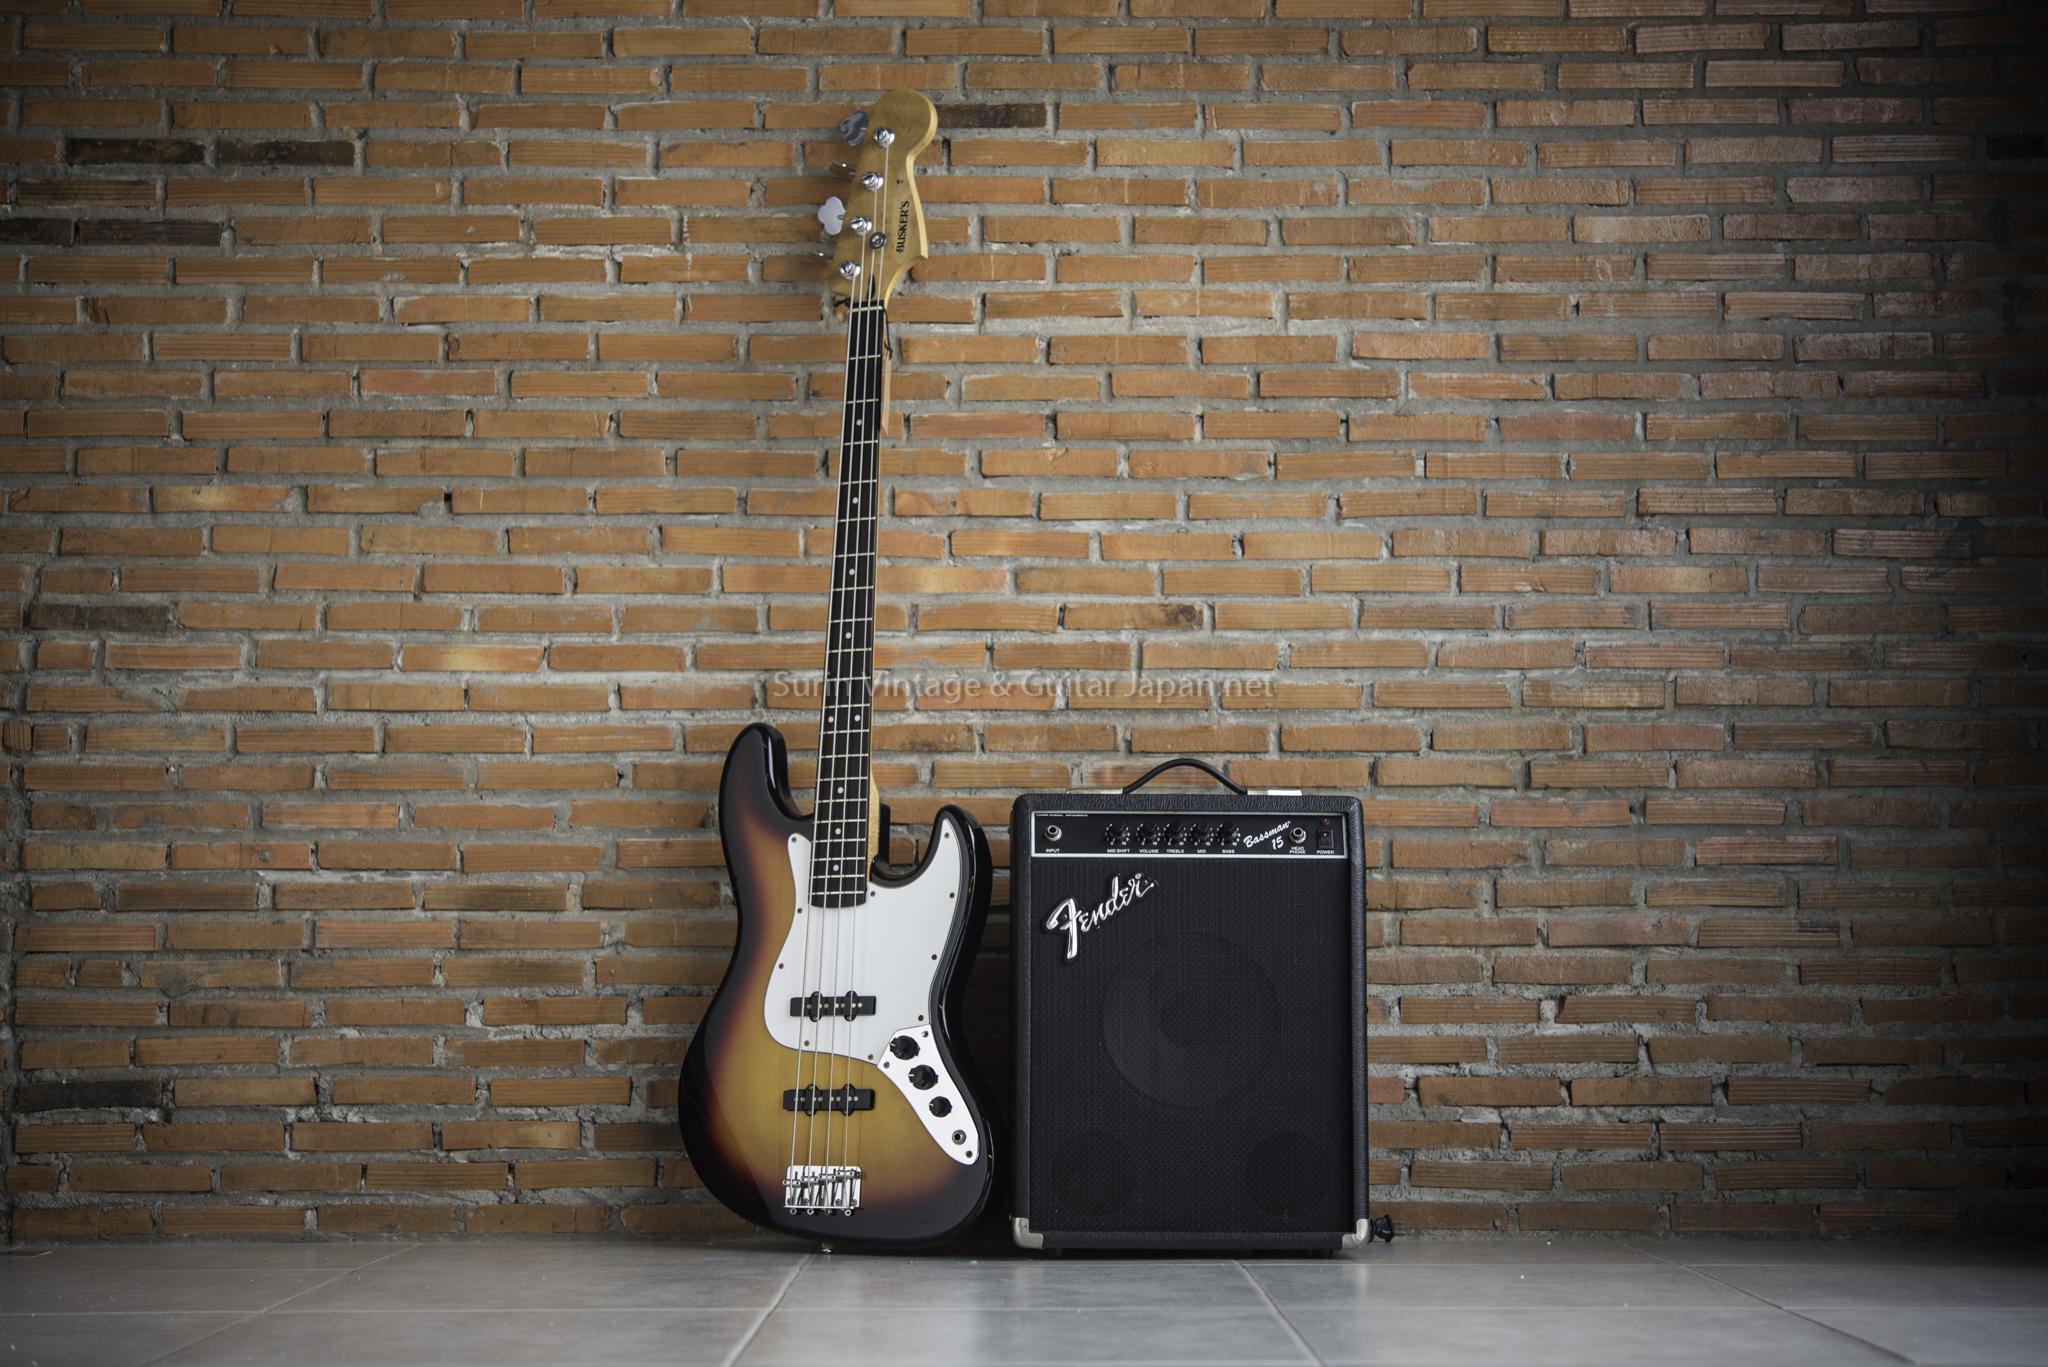 แอมป์เบสมือสอง Fender Bassman 15CE No.2